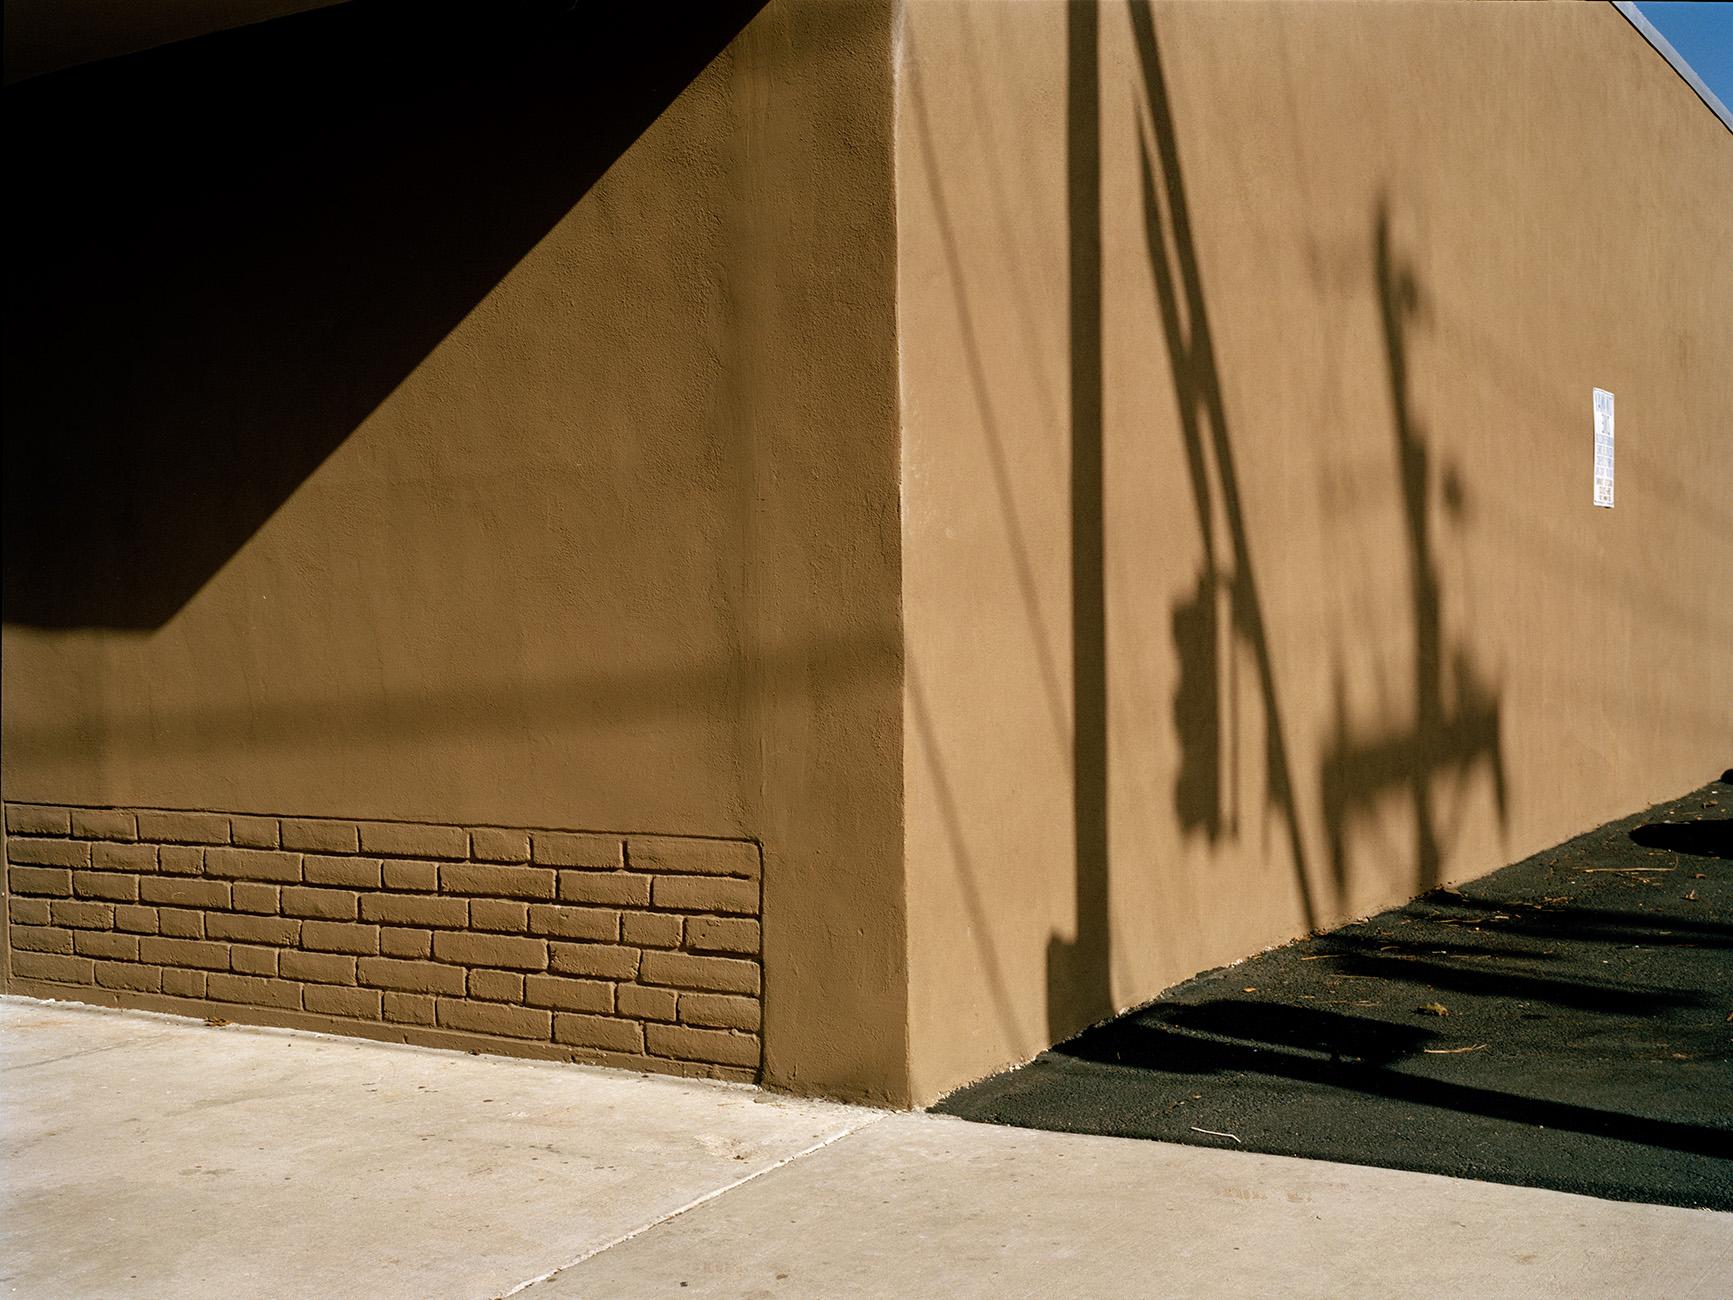 vägg key west copy.jpg